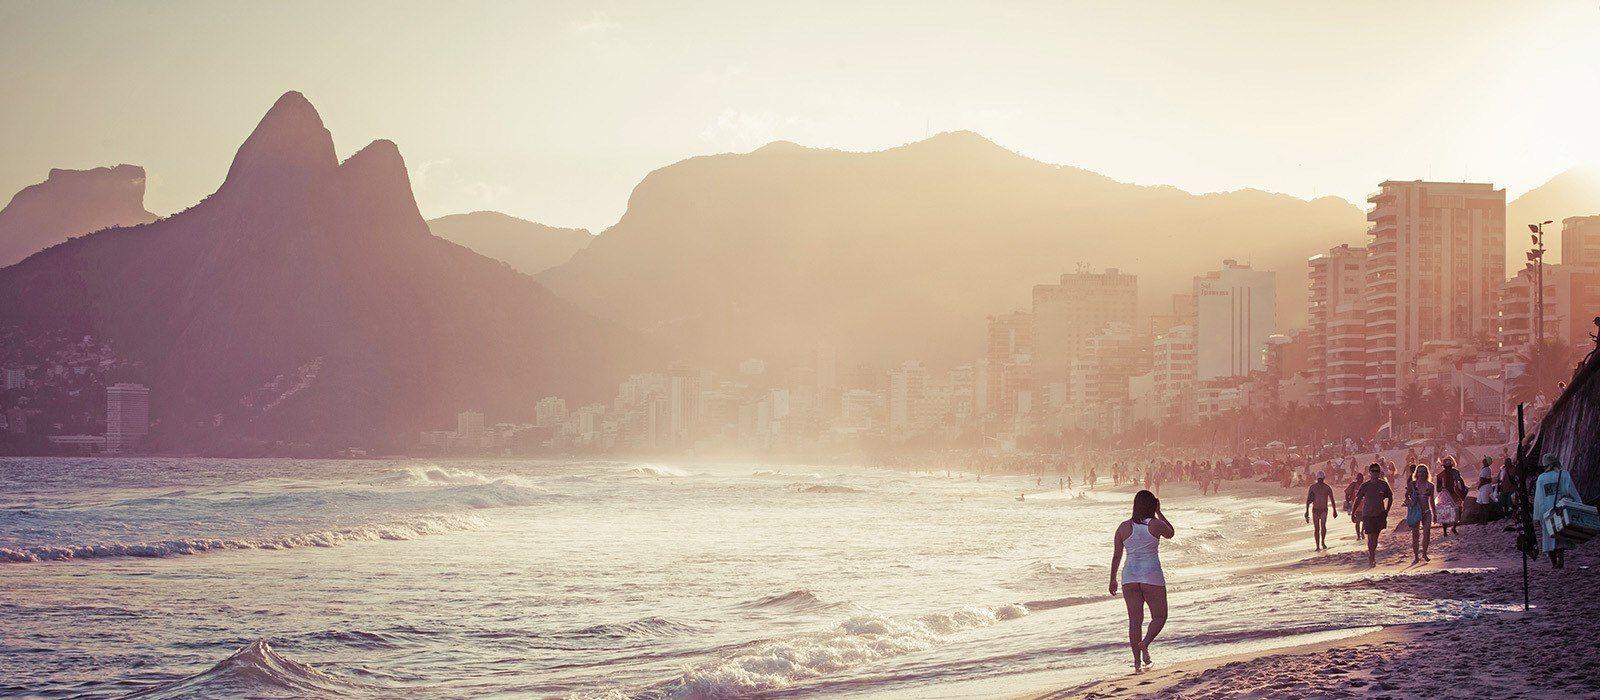 Argentinien & Brasilien – glitzernde Städte und tosende Fluten Urlaub 3